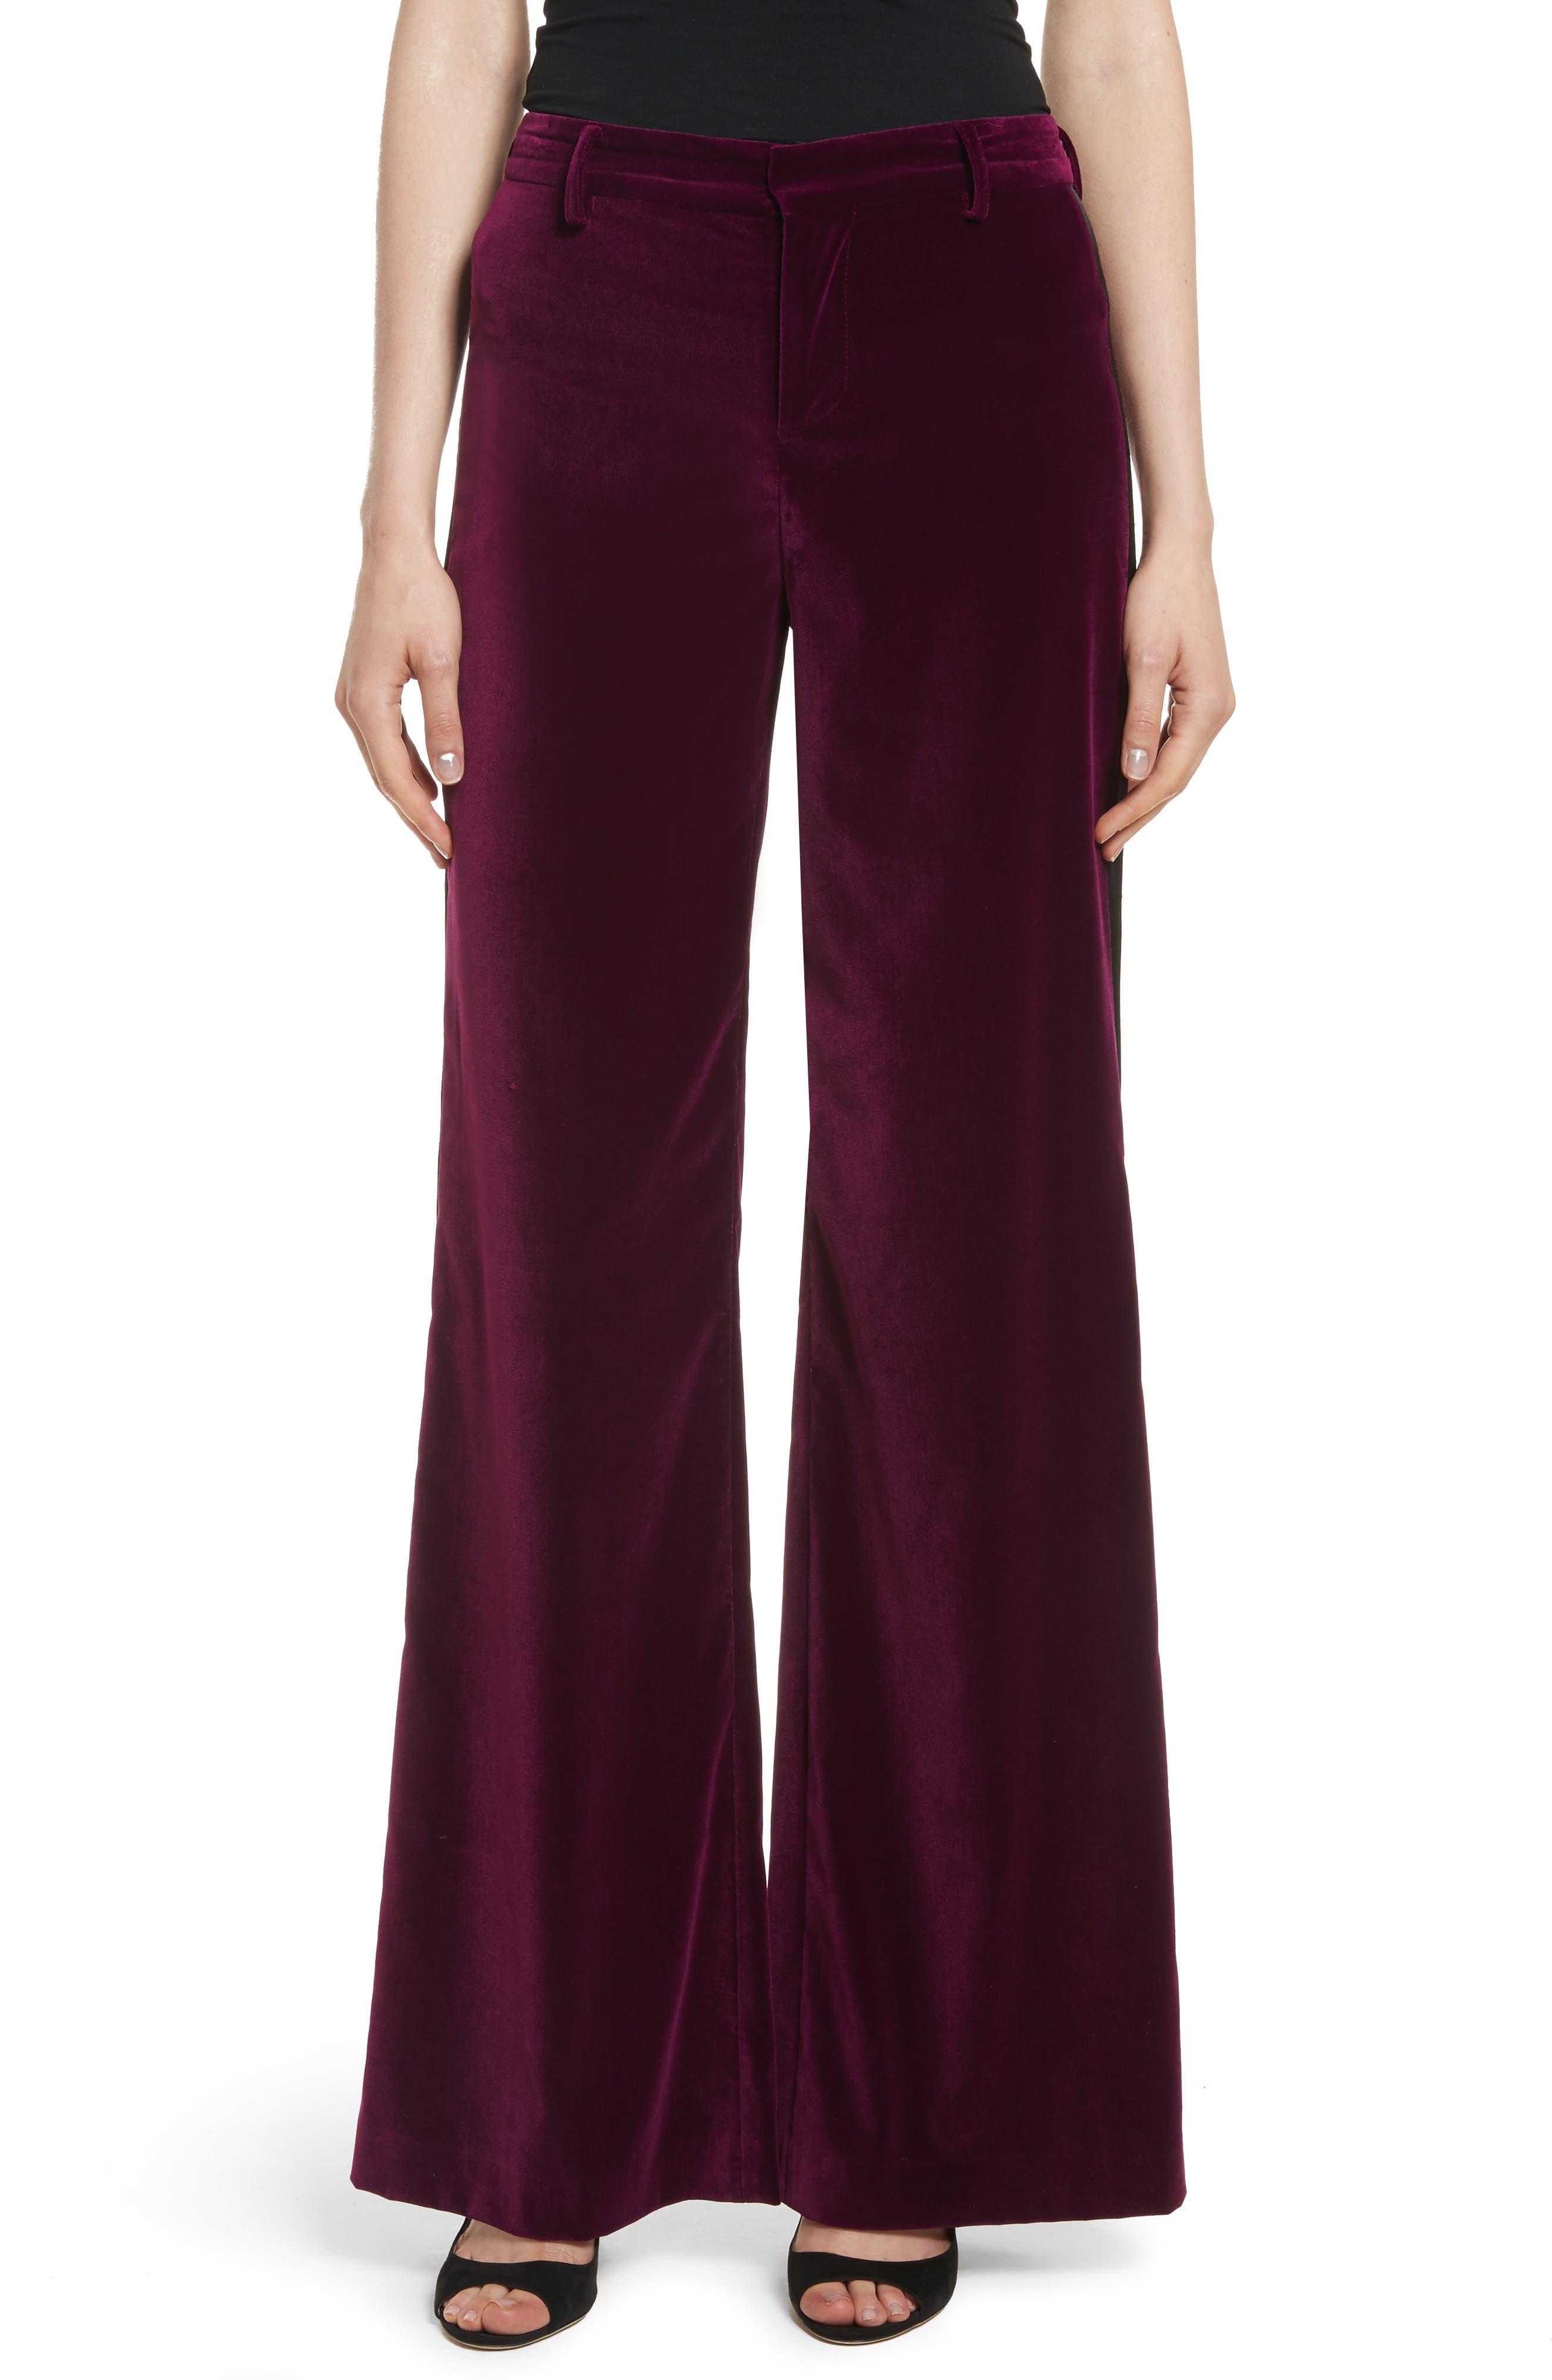 Paulette Velvet Tuxedo Pants,                         Main,                         color, 934